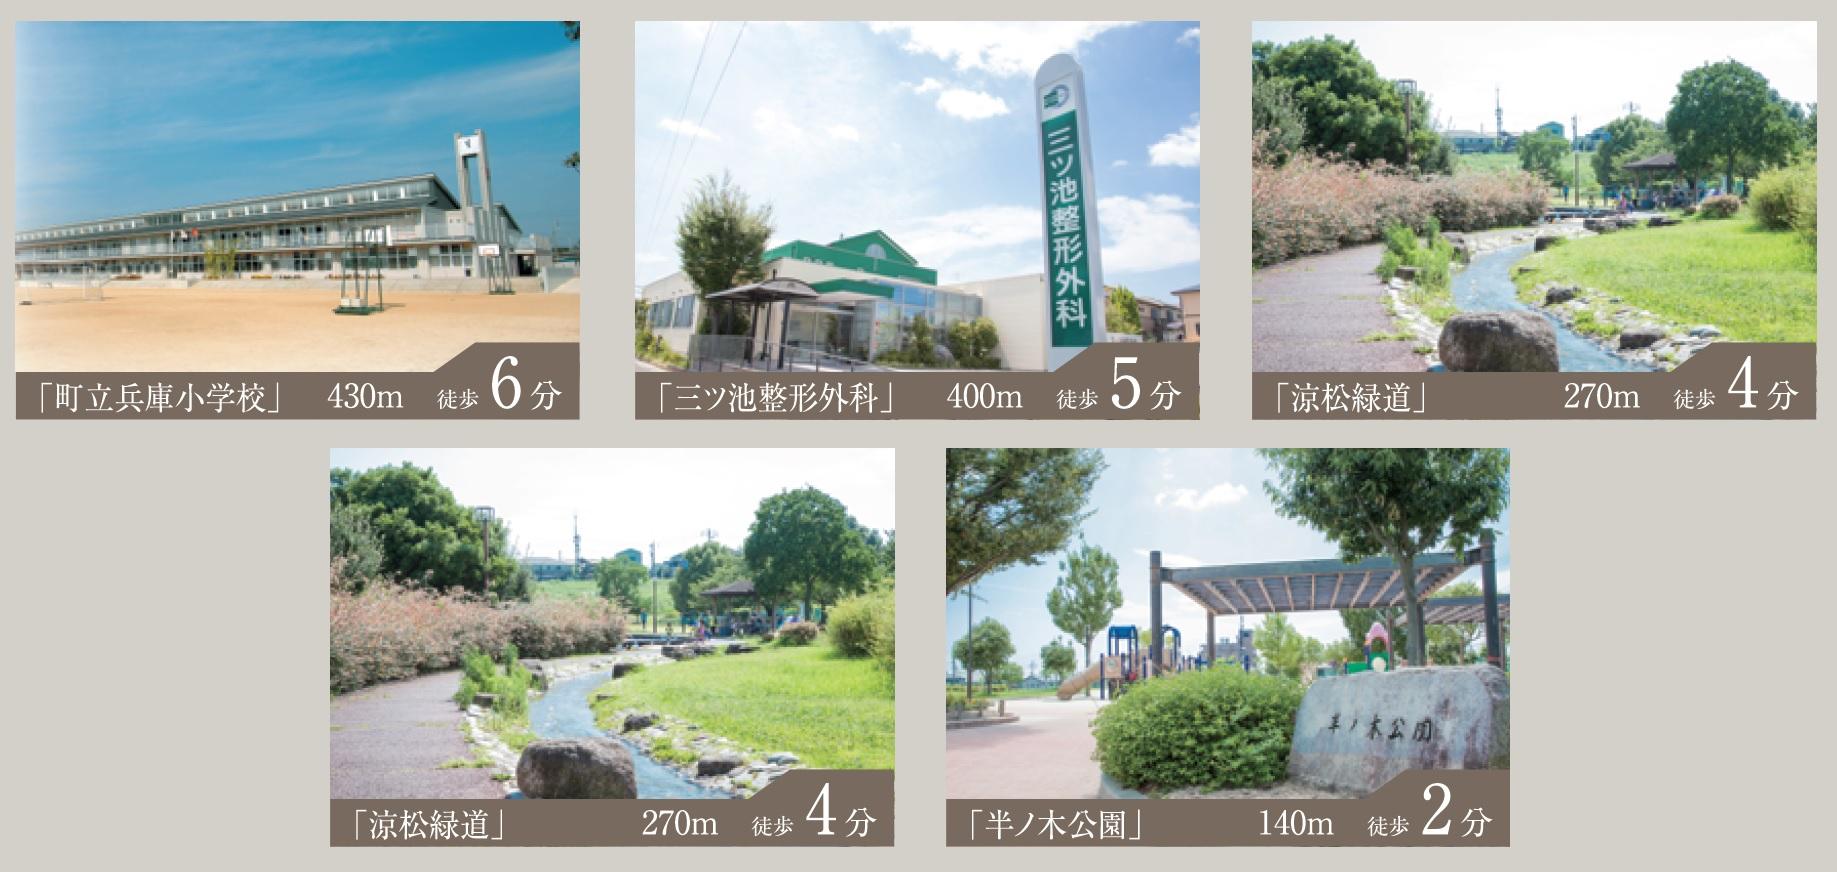 東郷三ツ池第3次 土地付分譲住宅 周辺環境